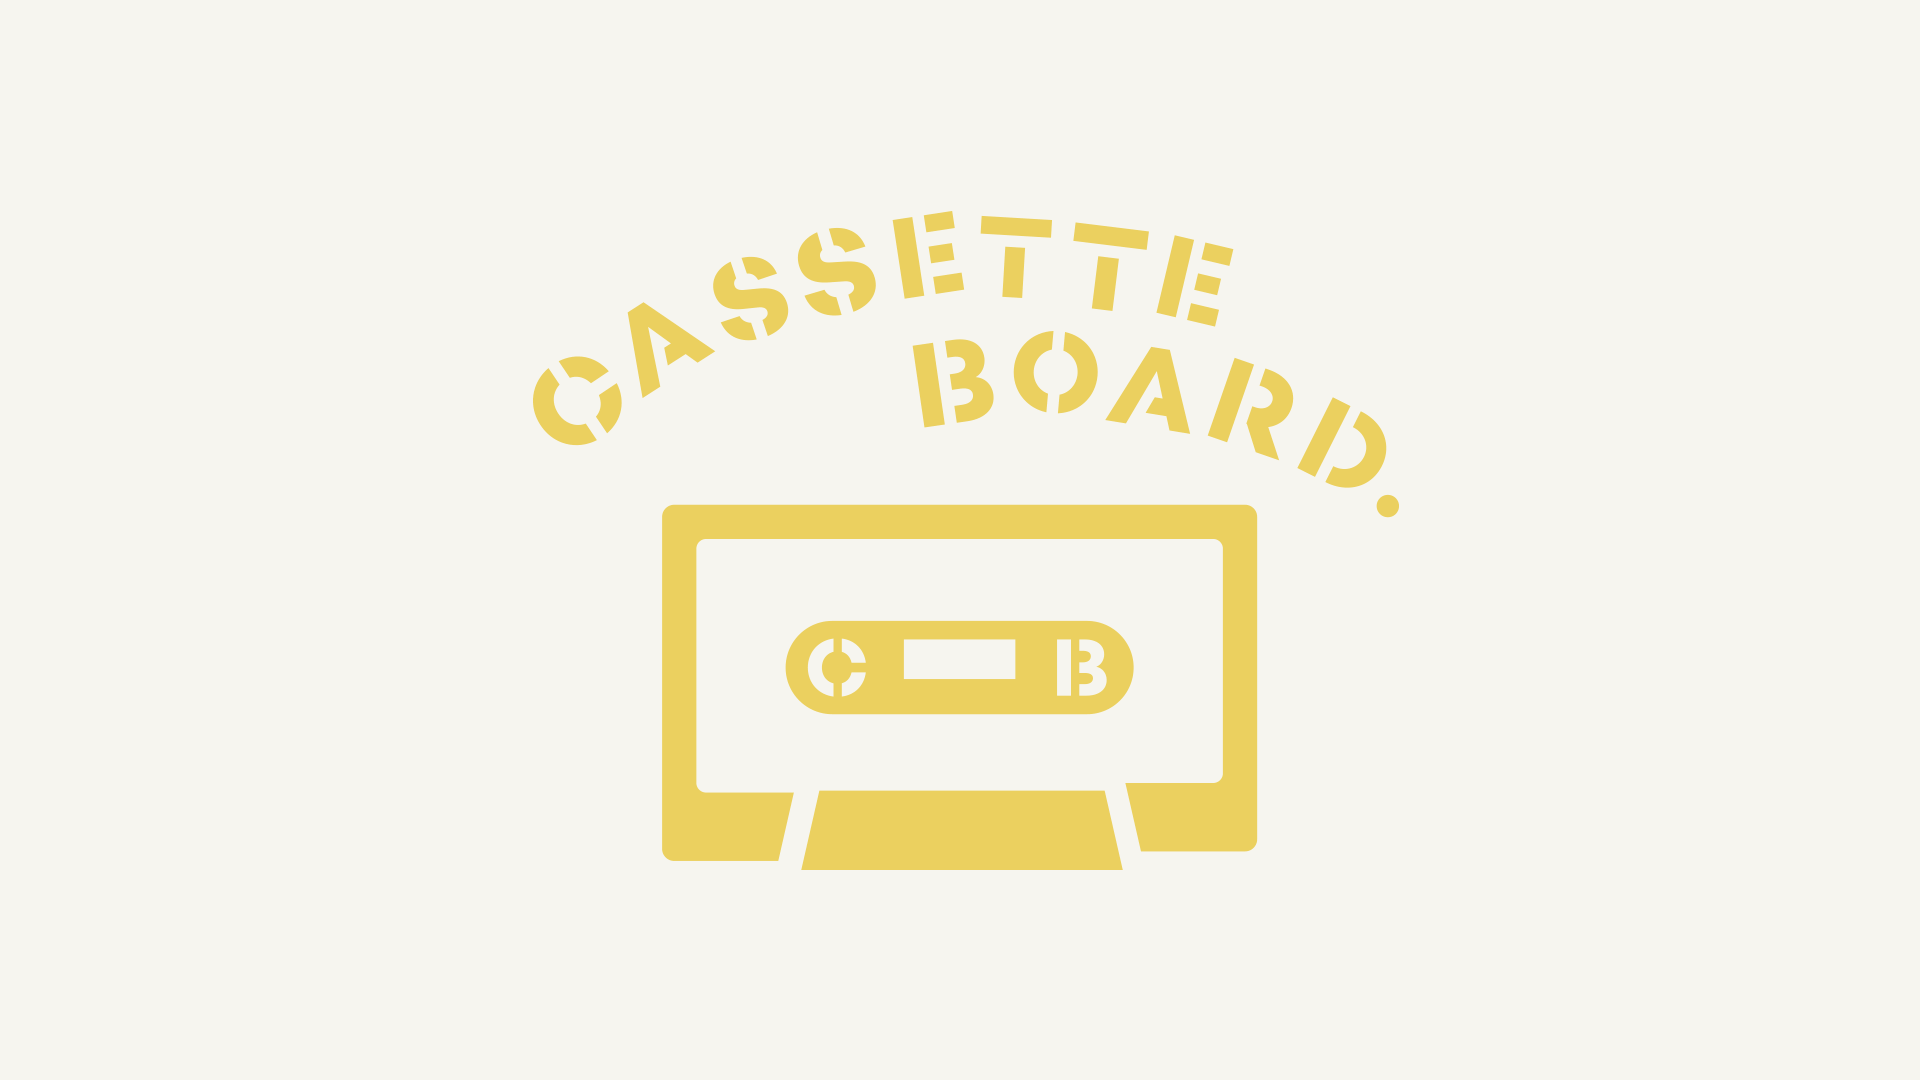 焼印用に制作したCASSETTE BOARDのロゴデザイン